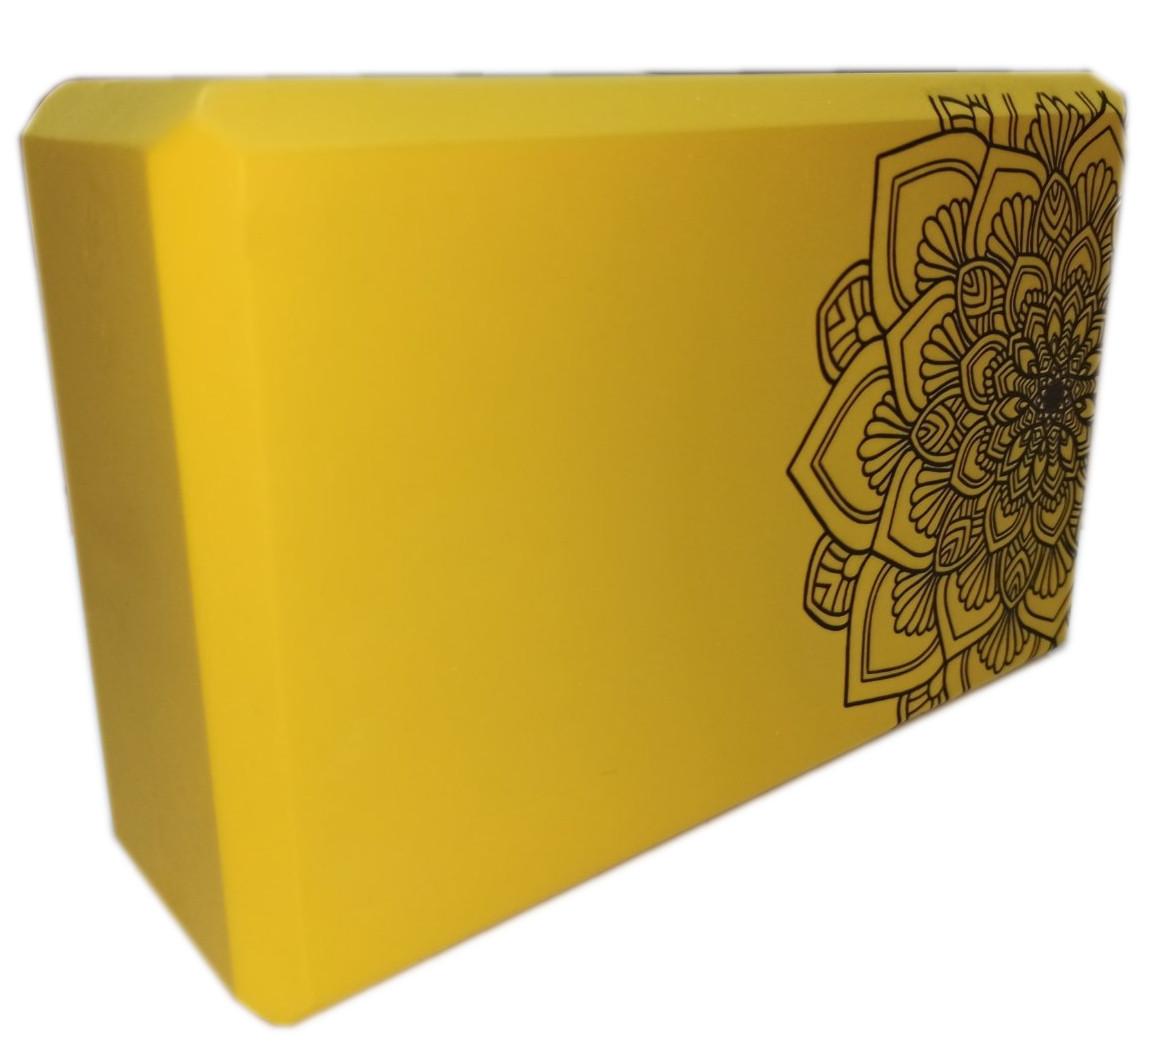 Блок для йоги, растяжки (TS 1698) Желтый